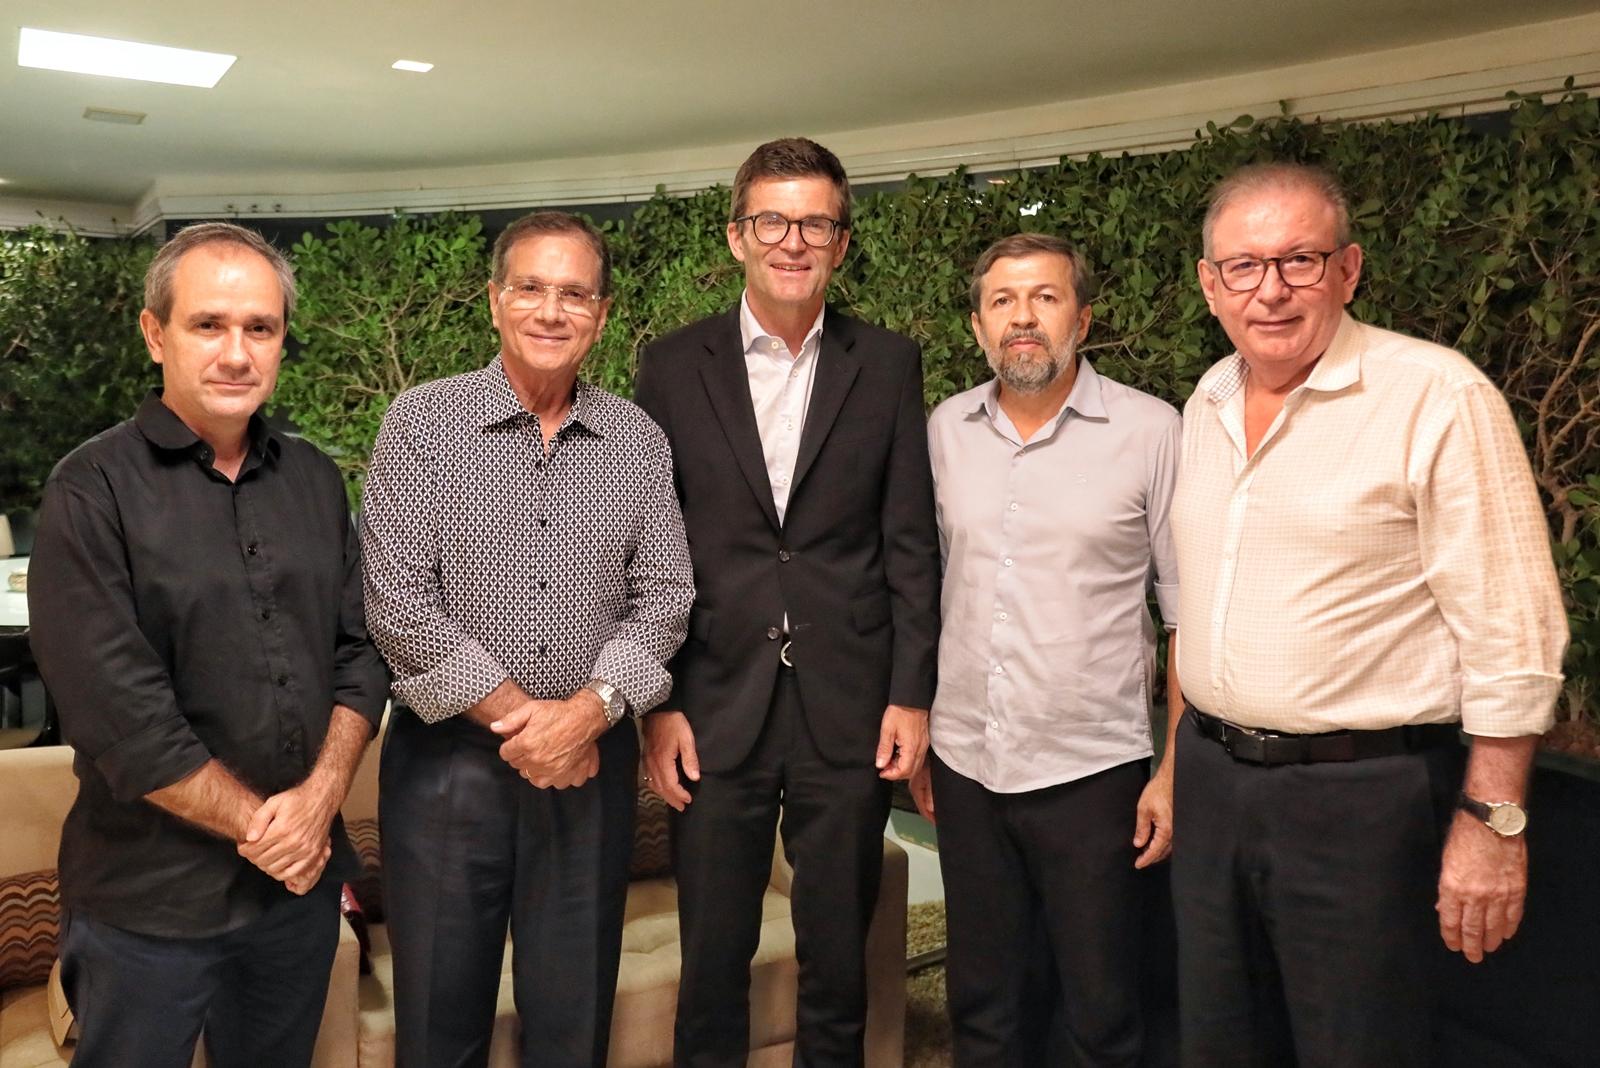 Embaixador da Alemanha, Heiko Thoms é figura central de jantar pilotado por Beto Studart